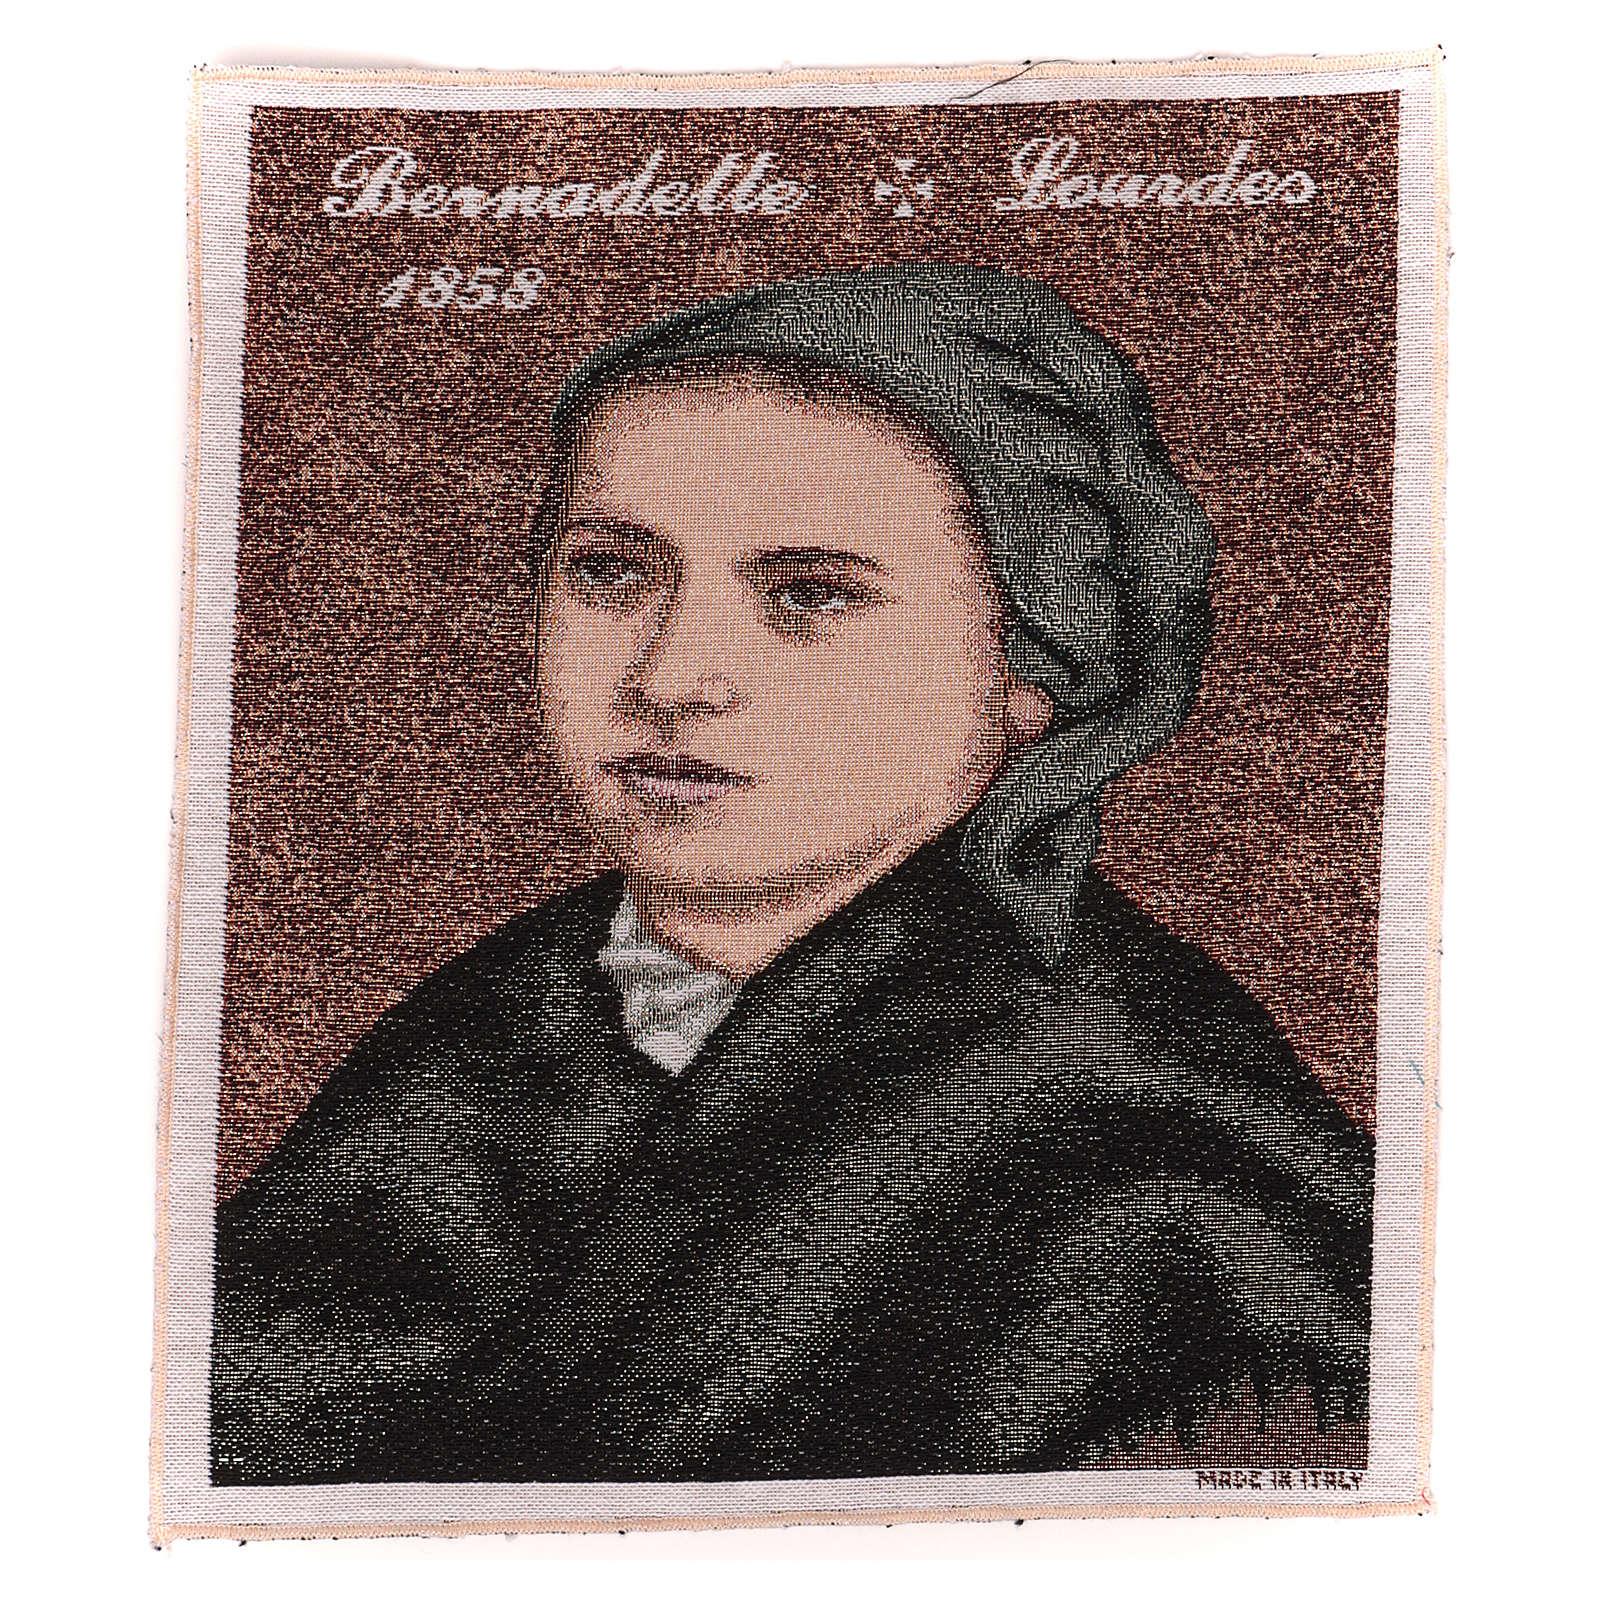 Wandteppich Bernadette Soubirous 35x30 cm 3